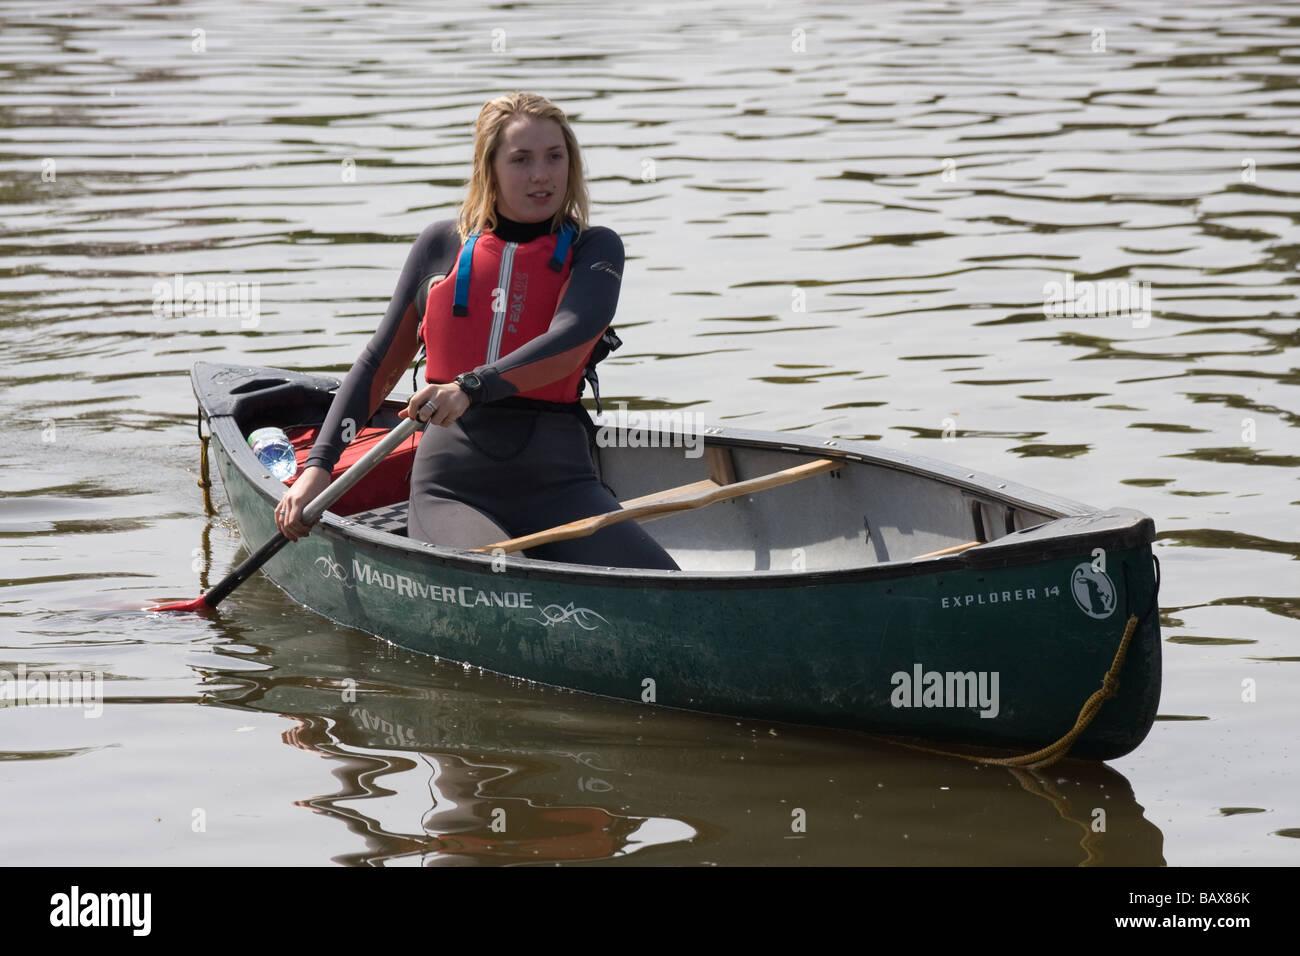 water sport canadian canoe canoeist river medway yalding kent england uk europe - Stock Image